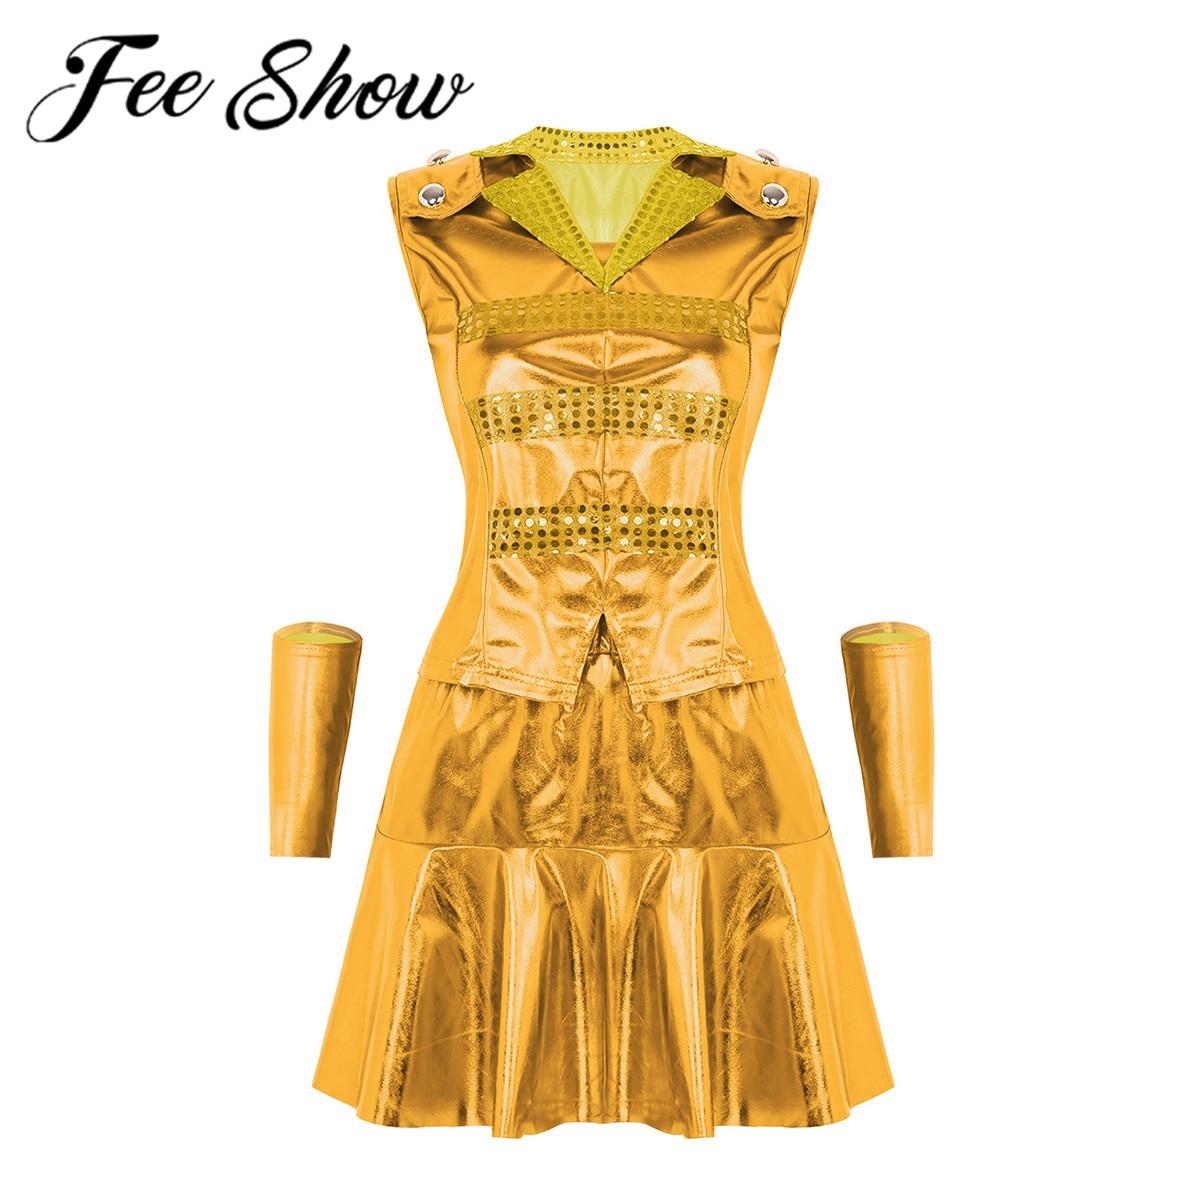 Women Shiny Metallic Modern Jazz Hip Hop Street Show Dancewear Contemporary Dance Costume Lapel Collar Top & Ruffled Short Skirt